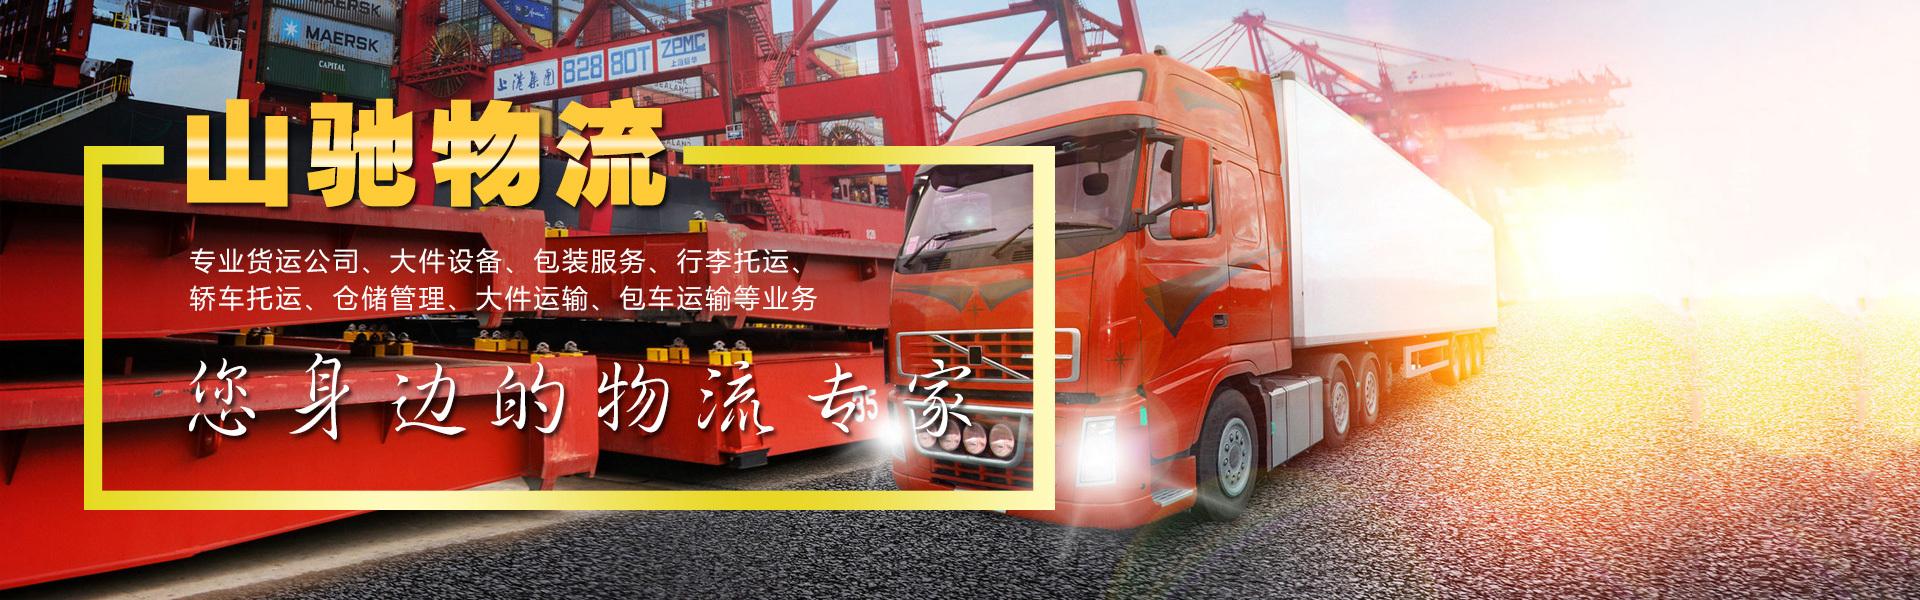 山馳物流貨運公司貨車展示圖